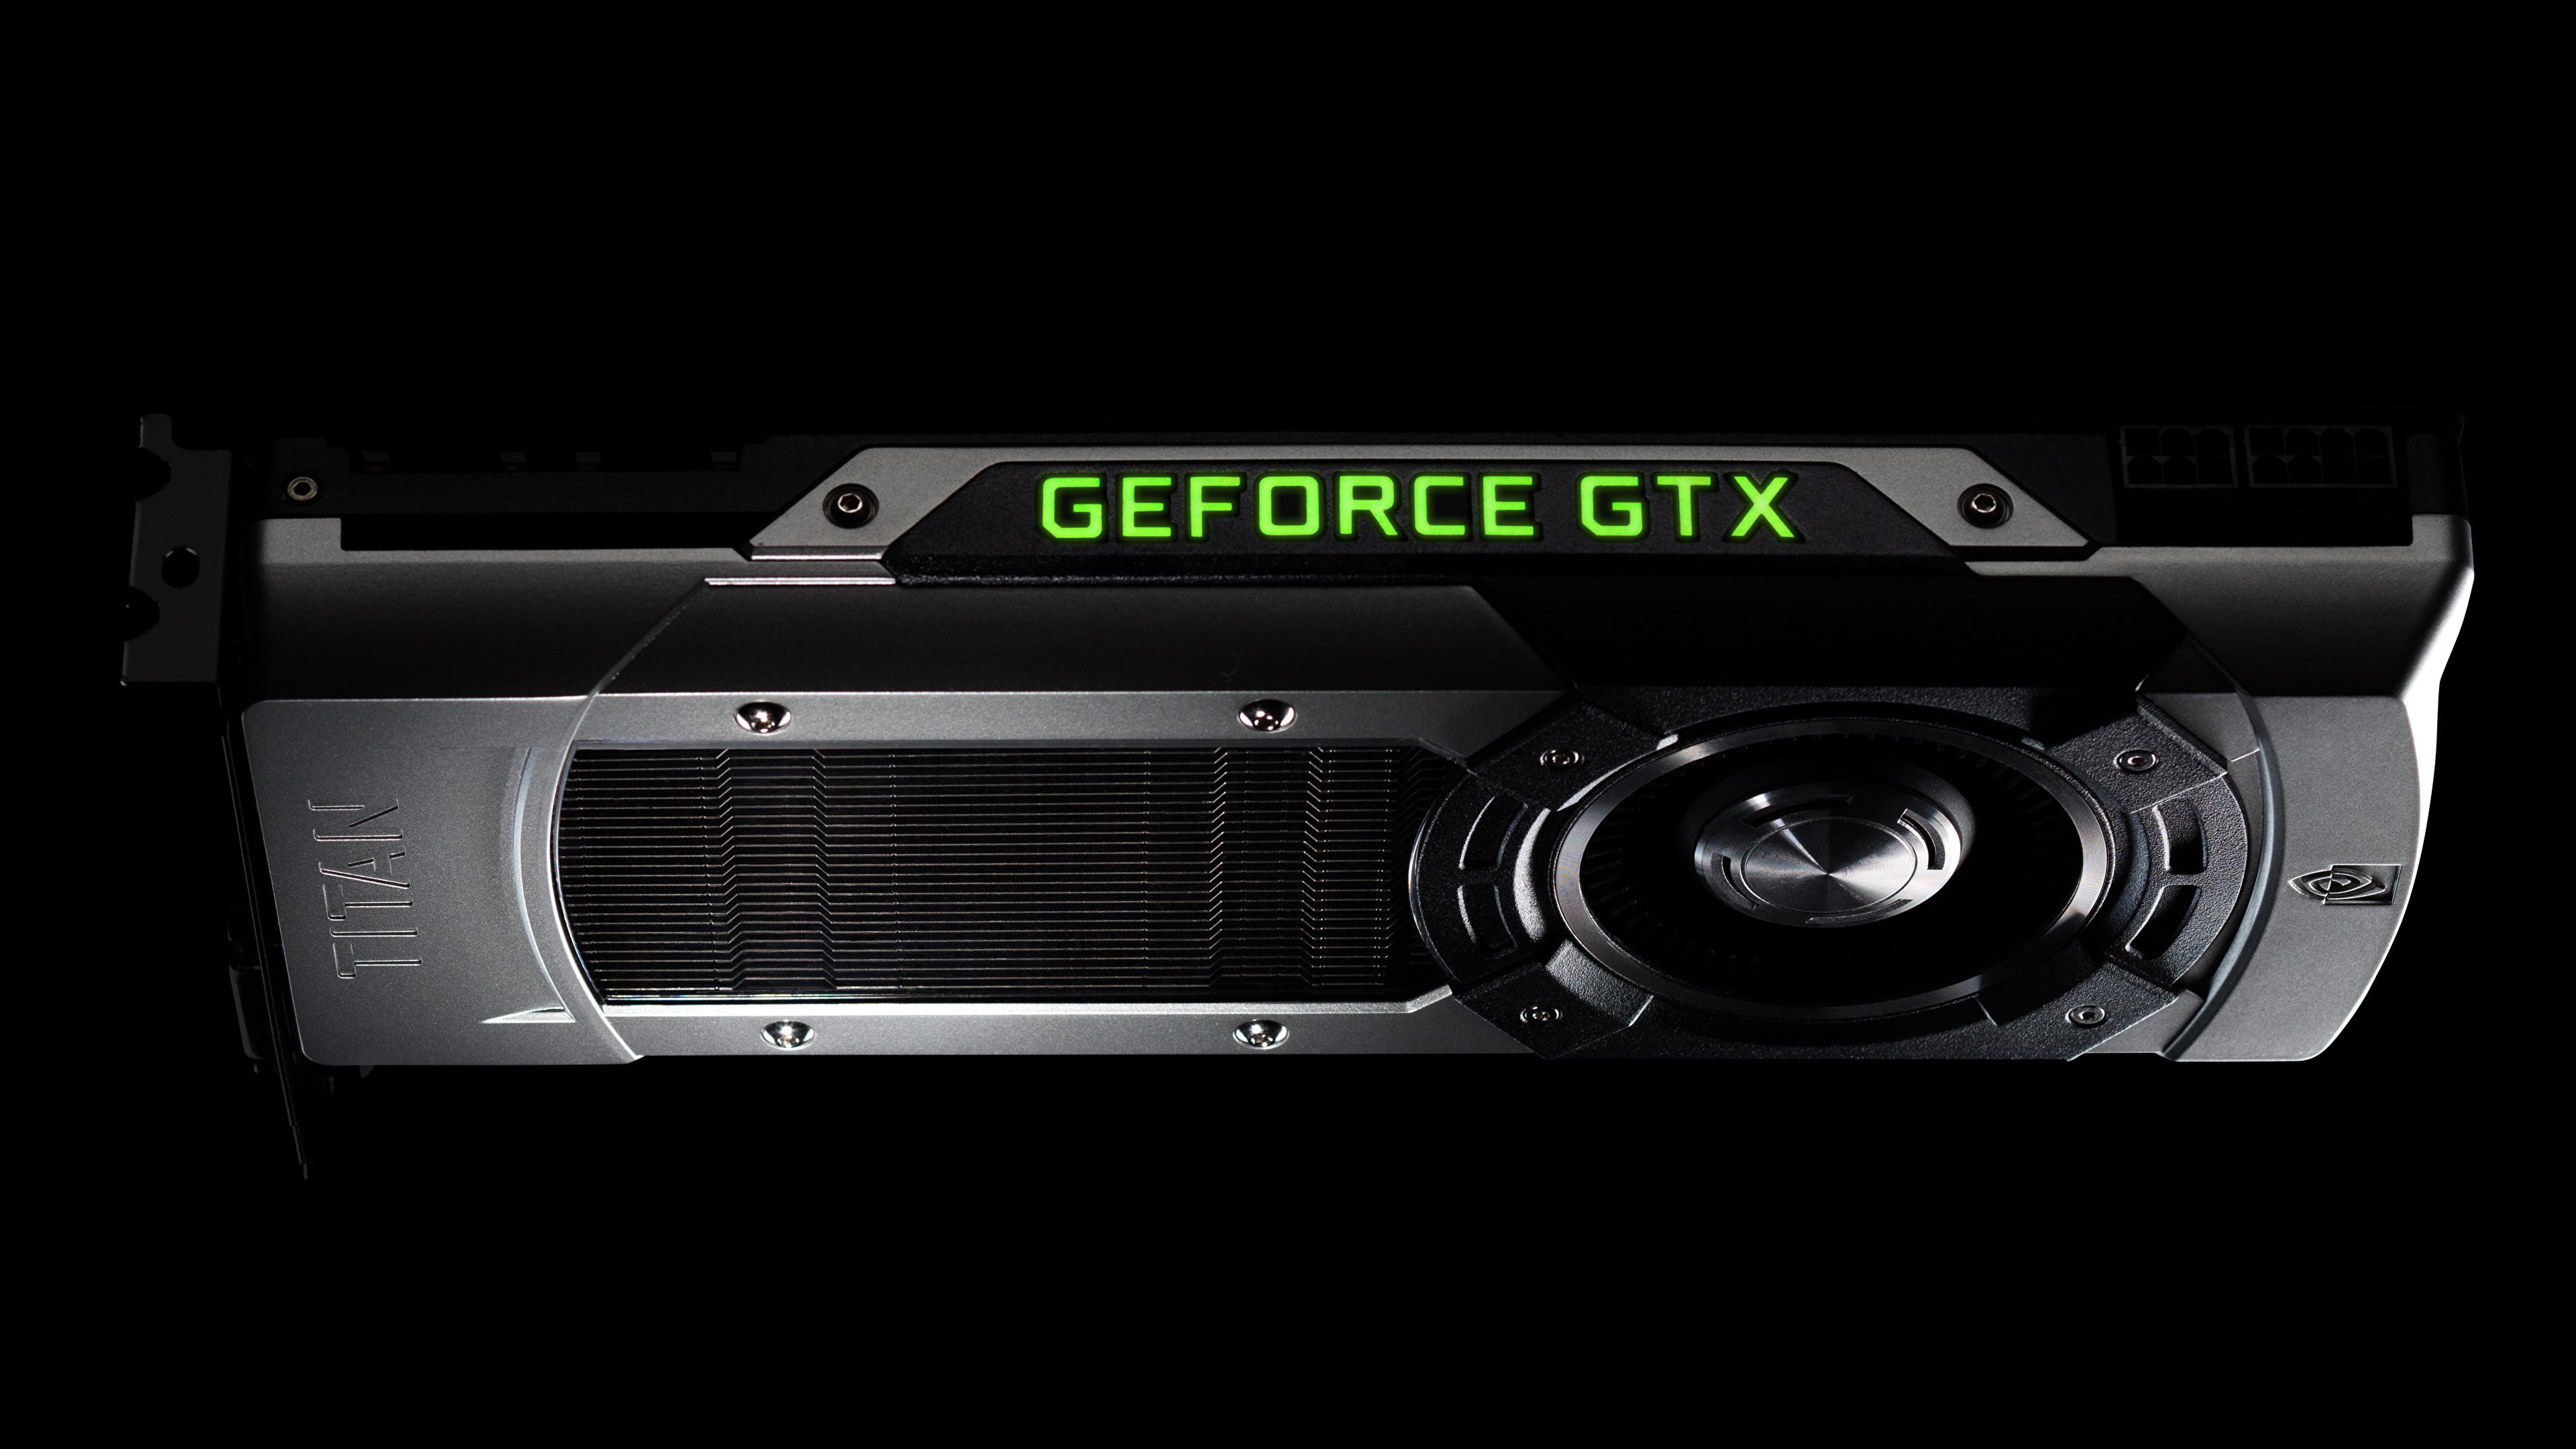 壁紙 3840x2160 エヌビディア Nvidia Geforce Gtx コンピューター